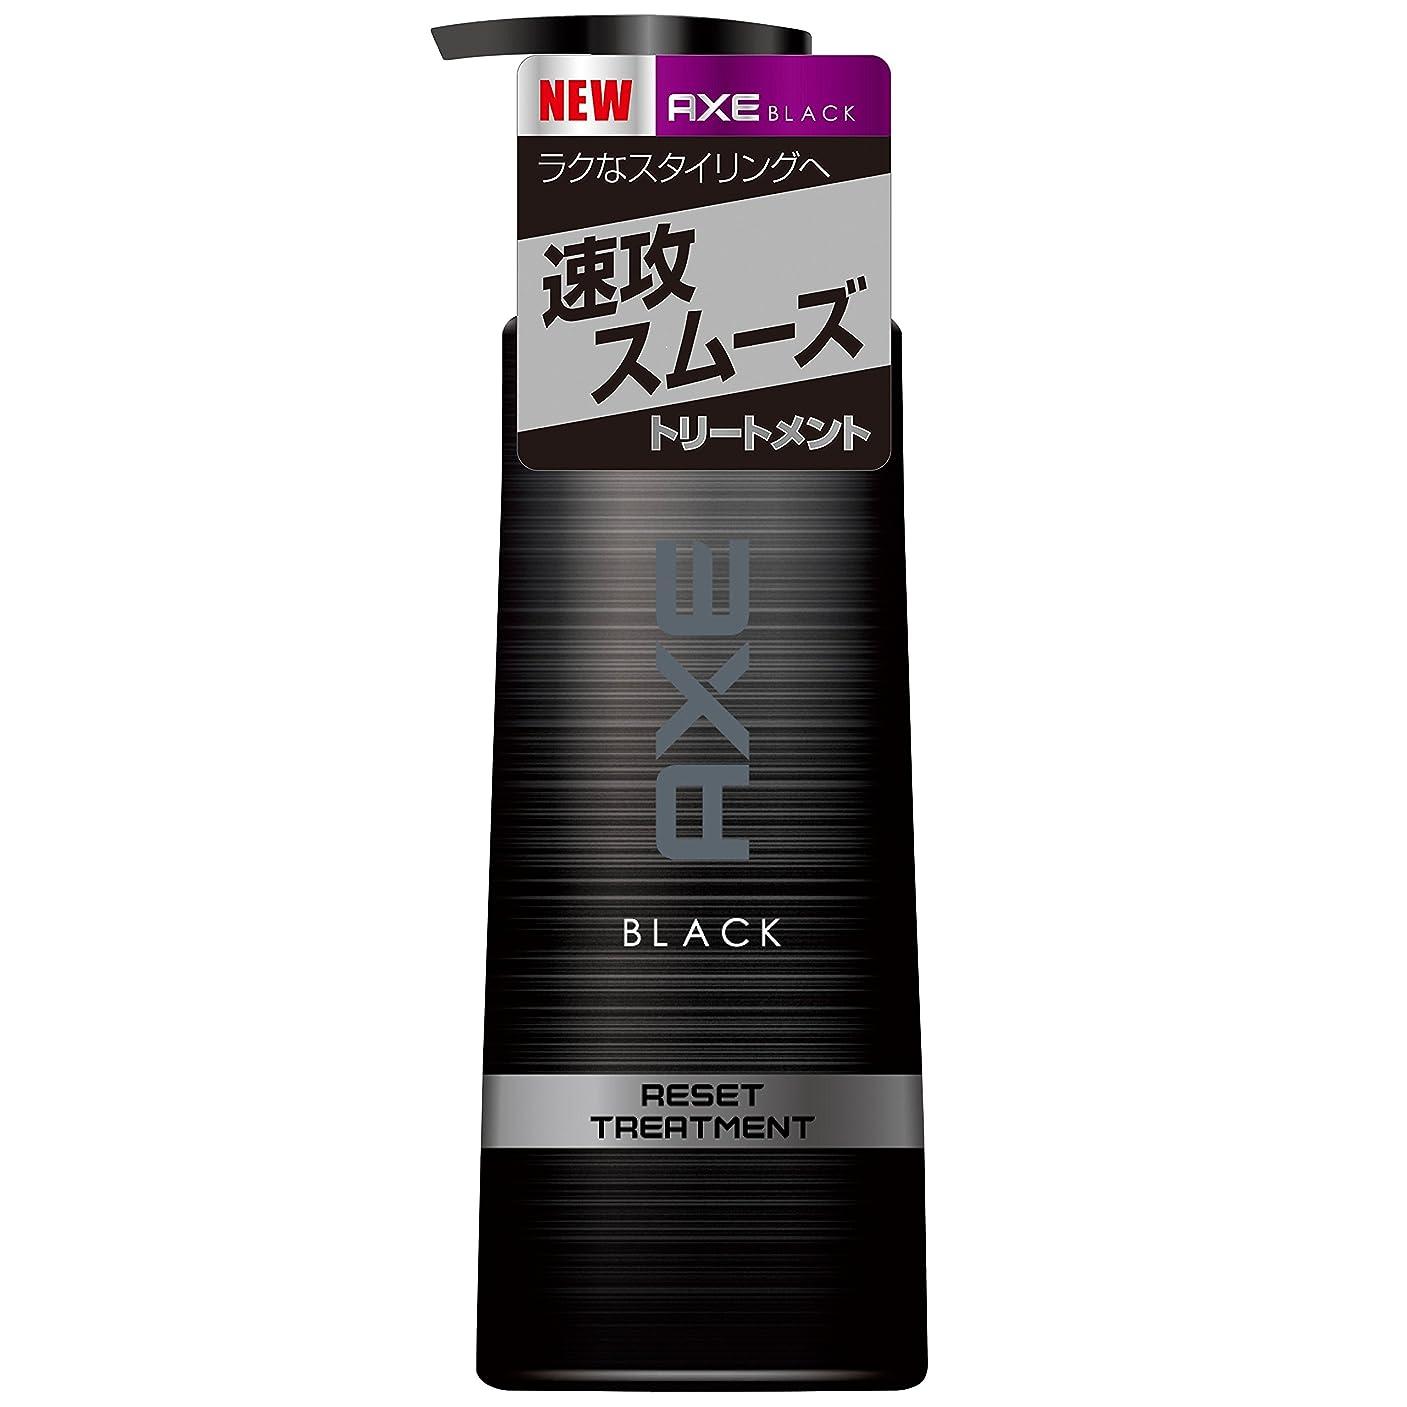 パイ古風な植生アックス ブラック 男性用 トリートメント ポンプ (速攻スムーズ、ラクなスタイリングへ) 350g (クールマリンのさりげない香り)